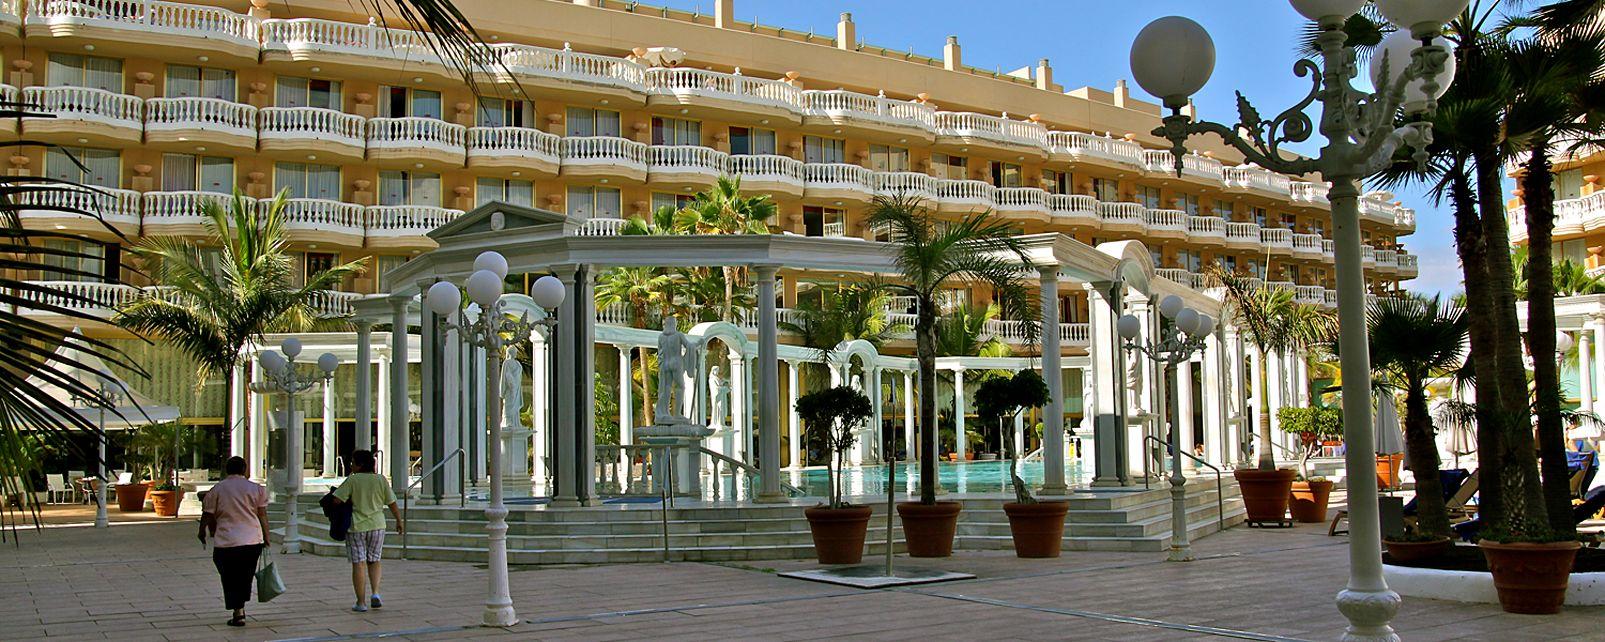 Hôtel Cleopatra Palace